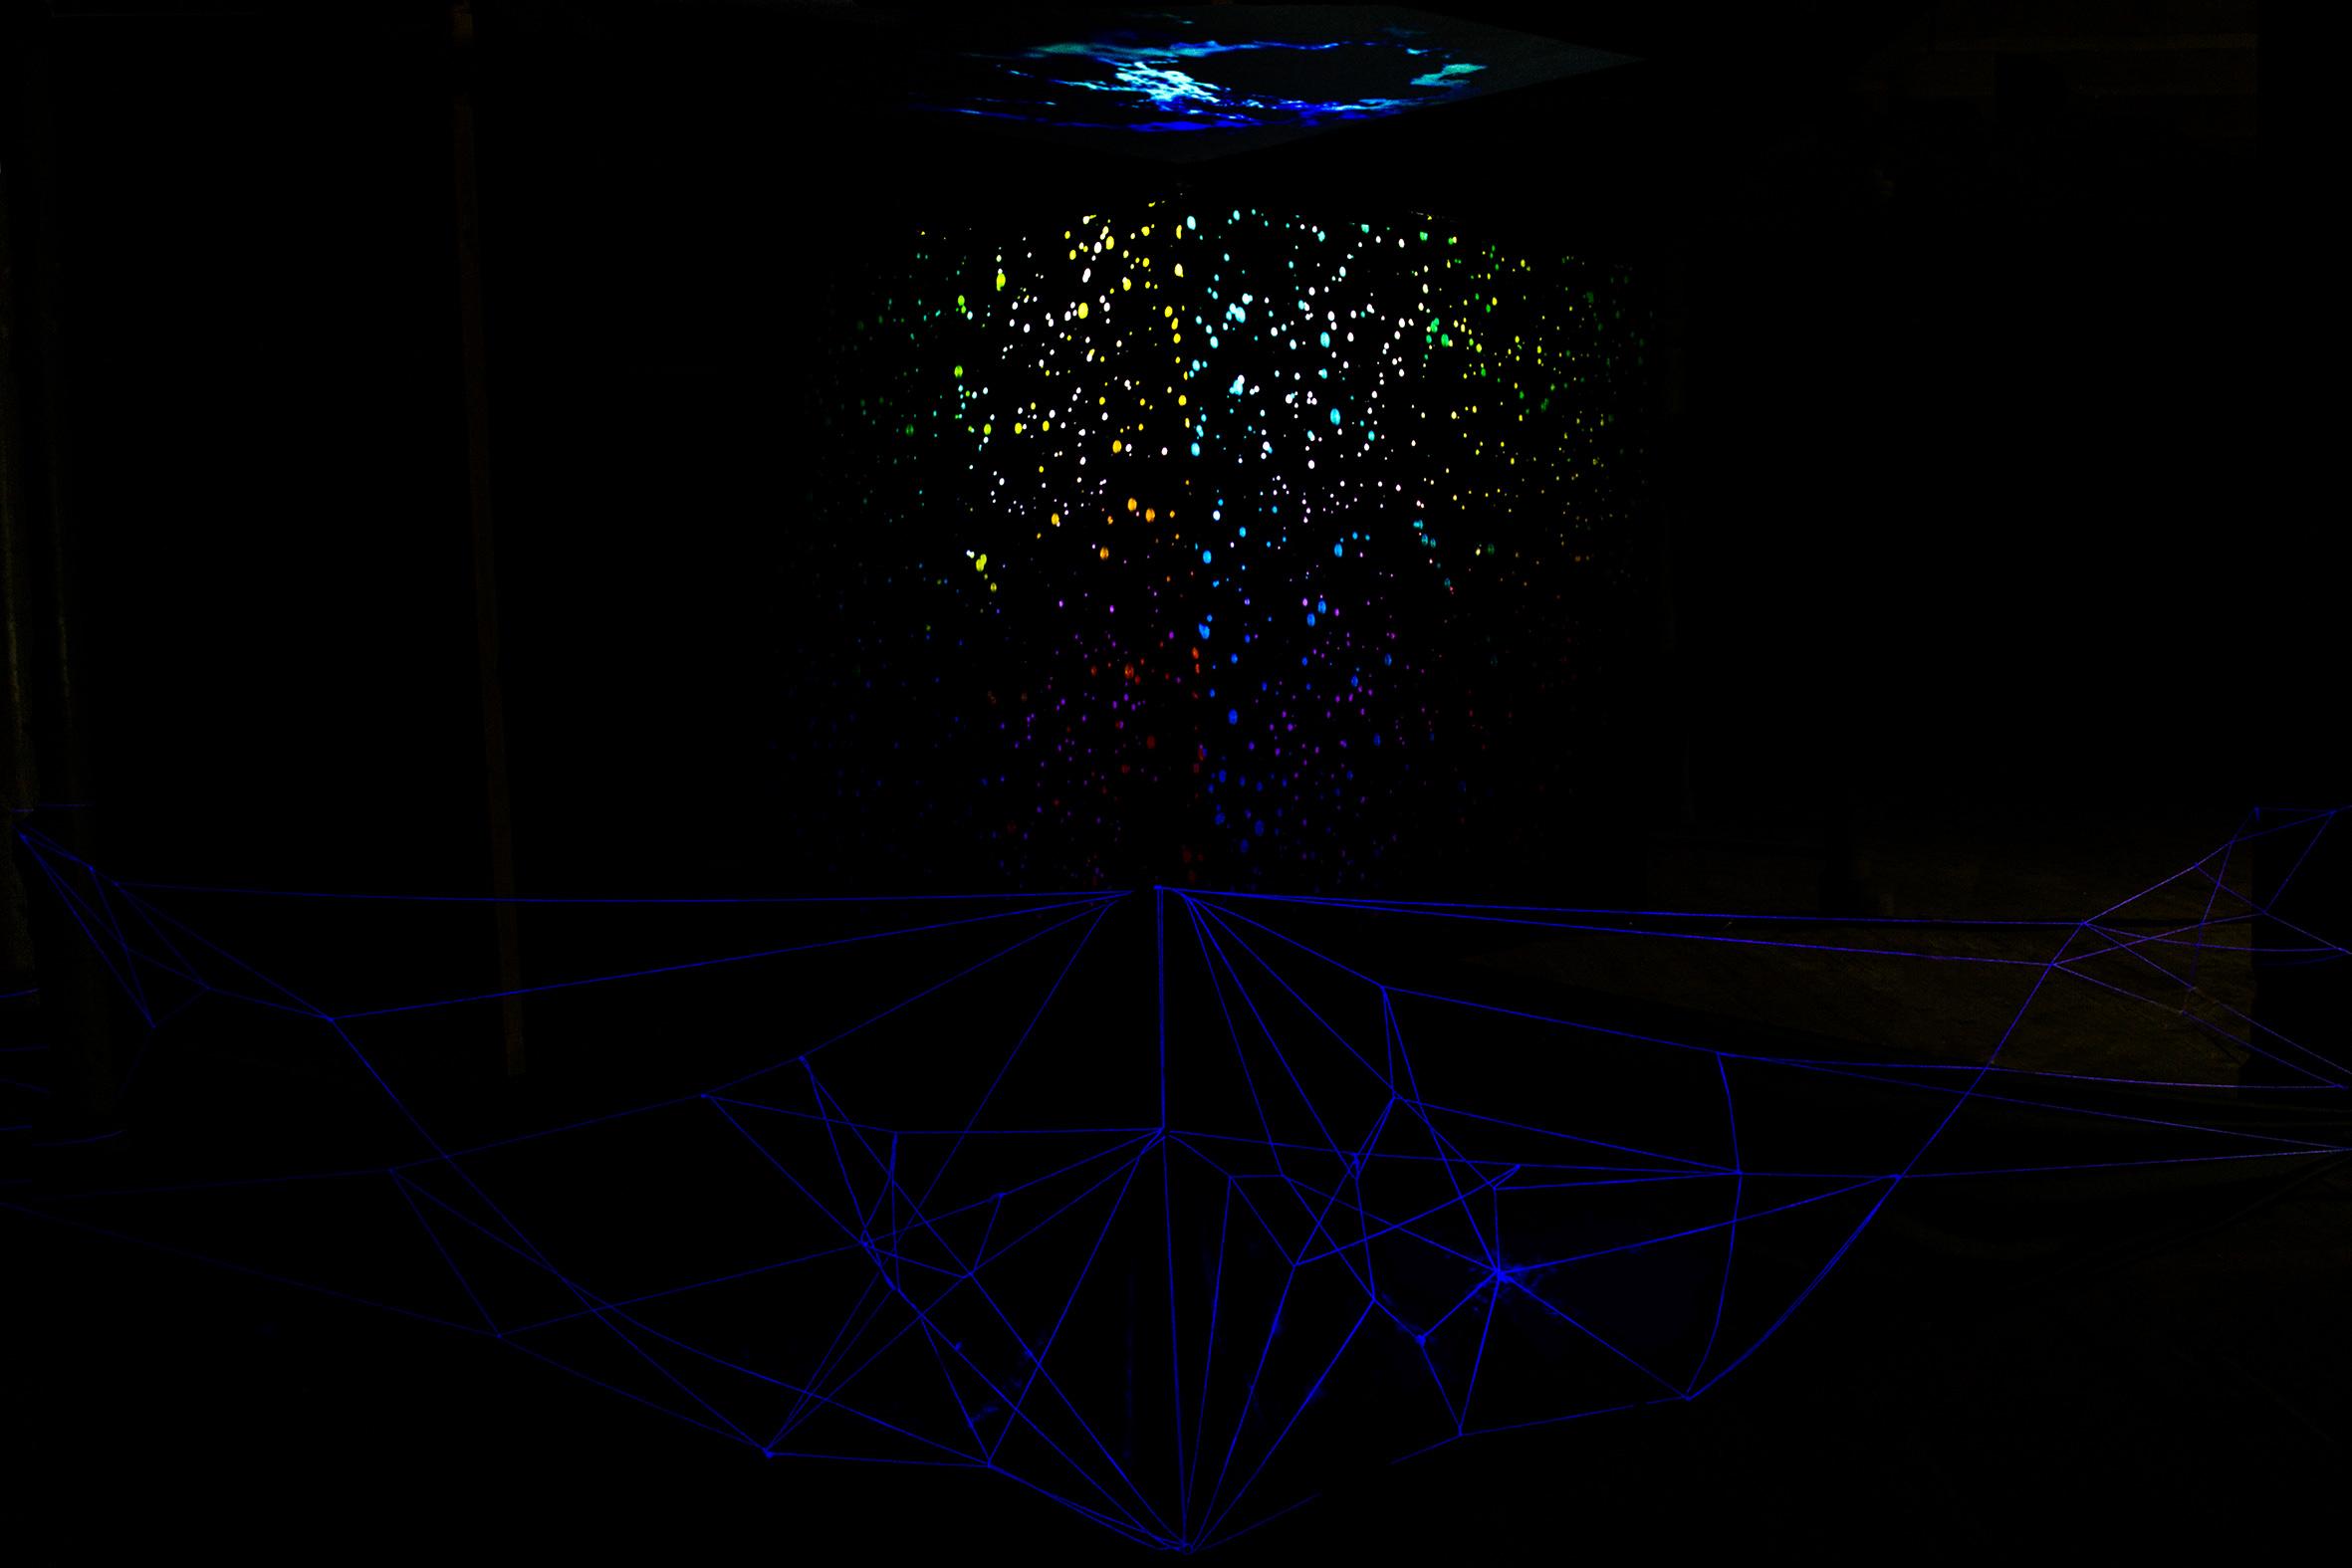 przestrzeń instalacji interaktywnej